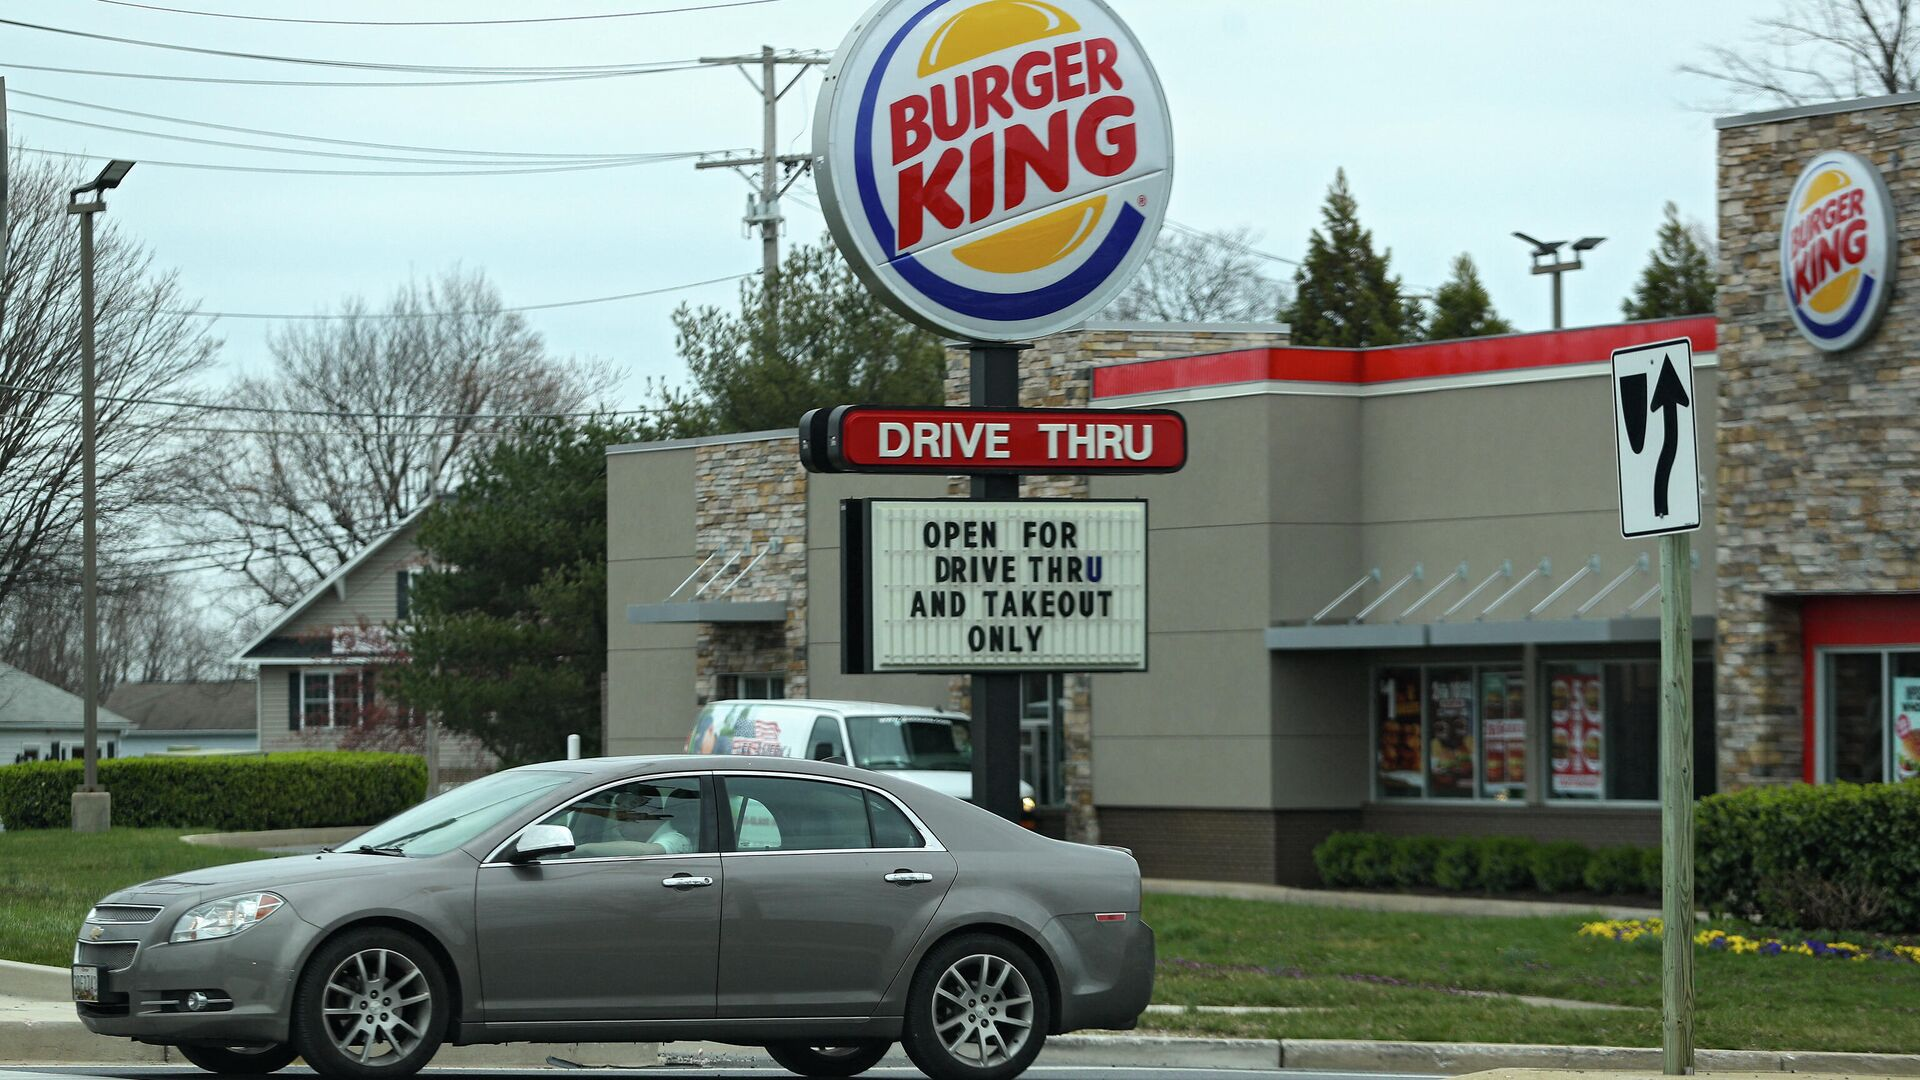 Schnellimbiss-Kette Burger King (Symbolbild) - SNA, 1920, 16.07.2021